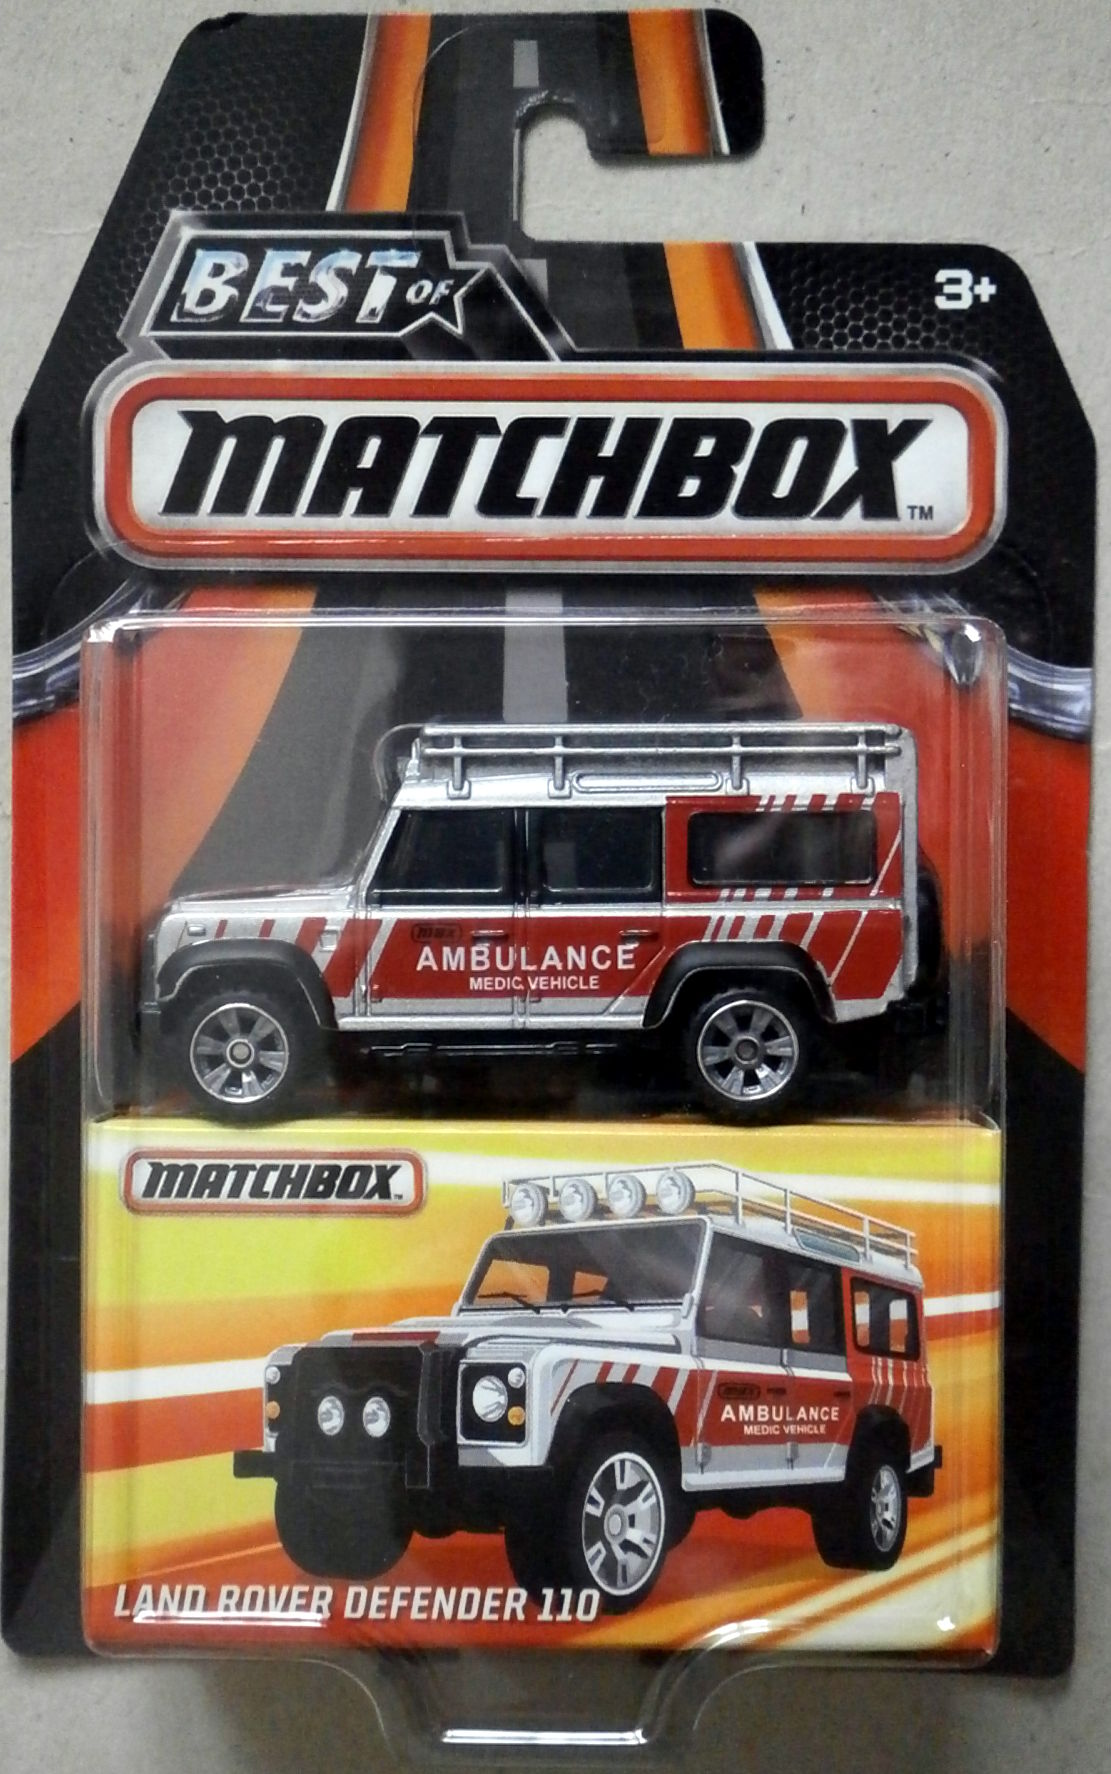 Image Best of Matchbox 2016 Land Rover Defender 110